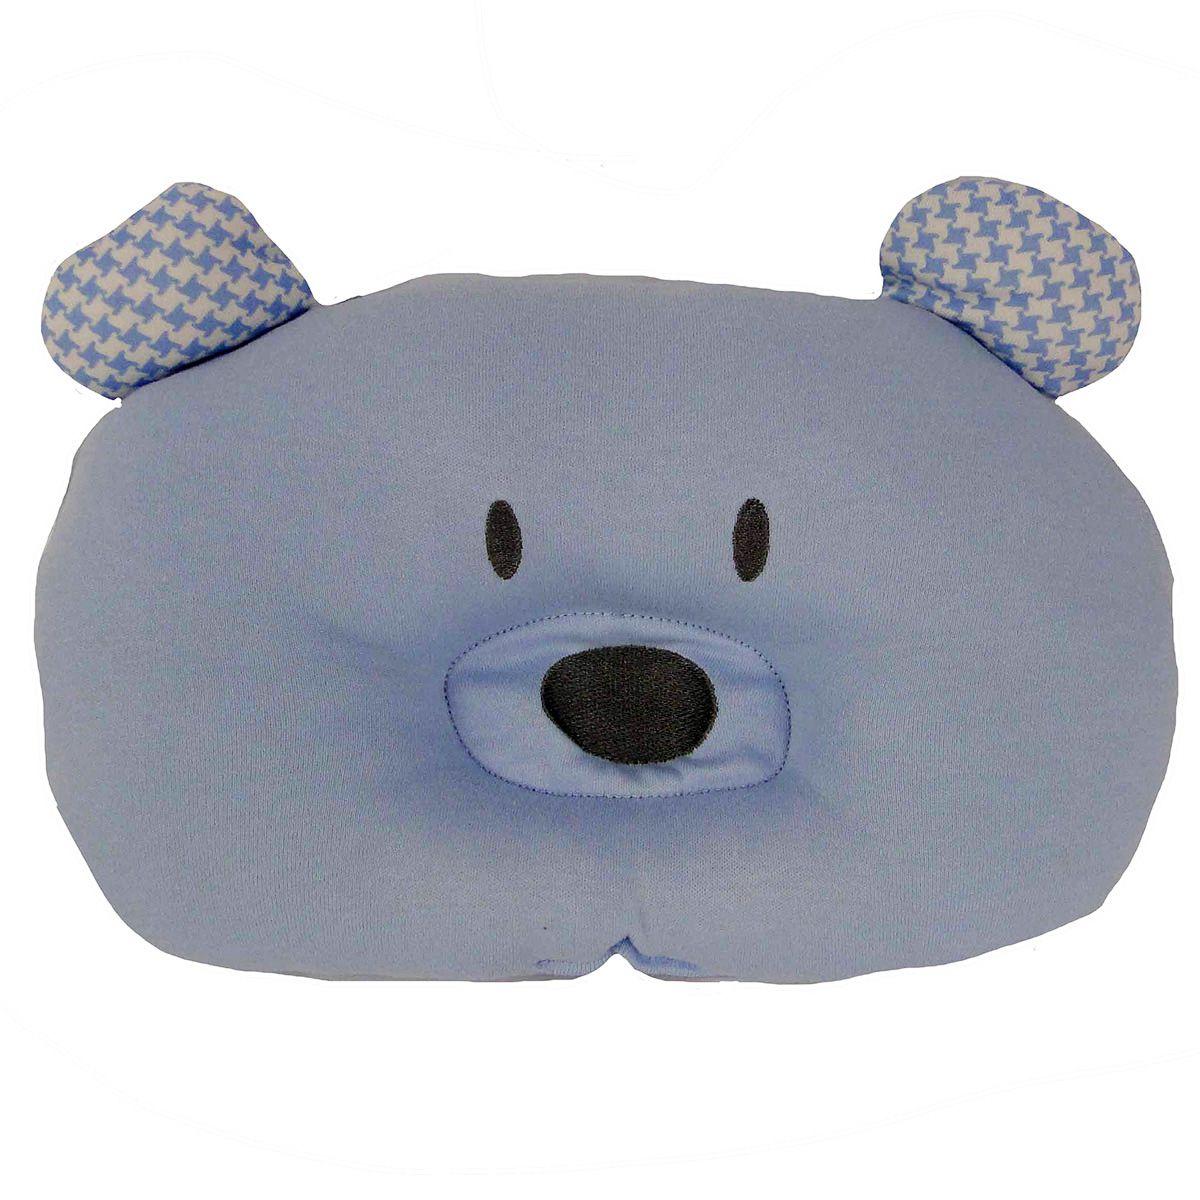 Almofada Hug Urso Bebe A2036